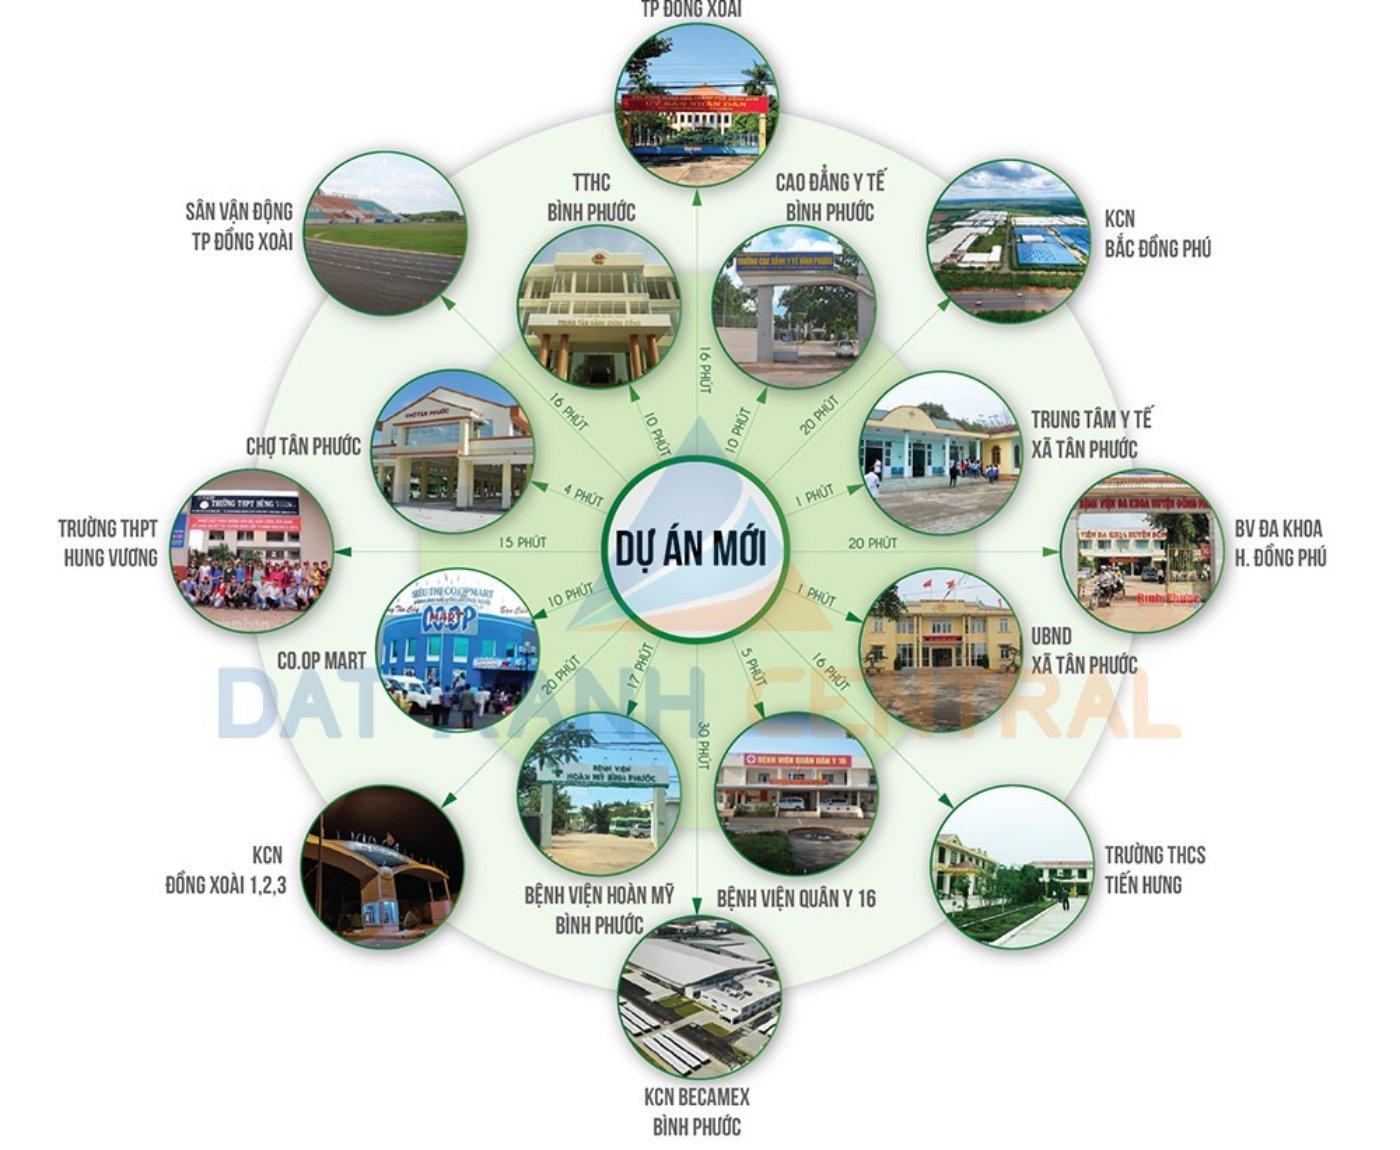 Tân Phước Center